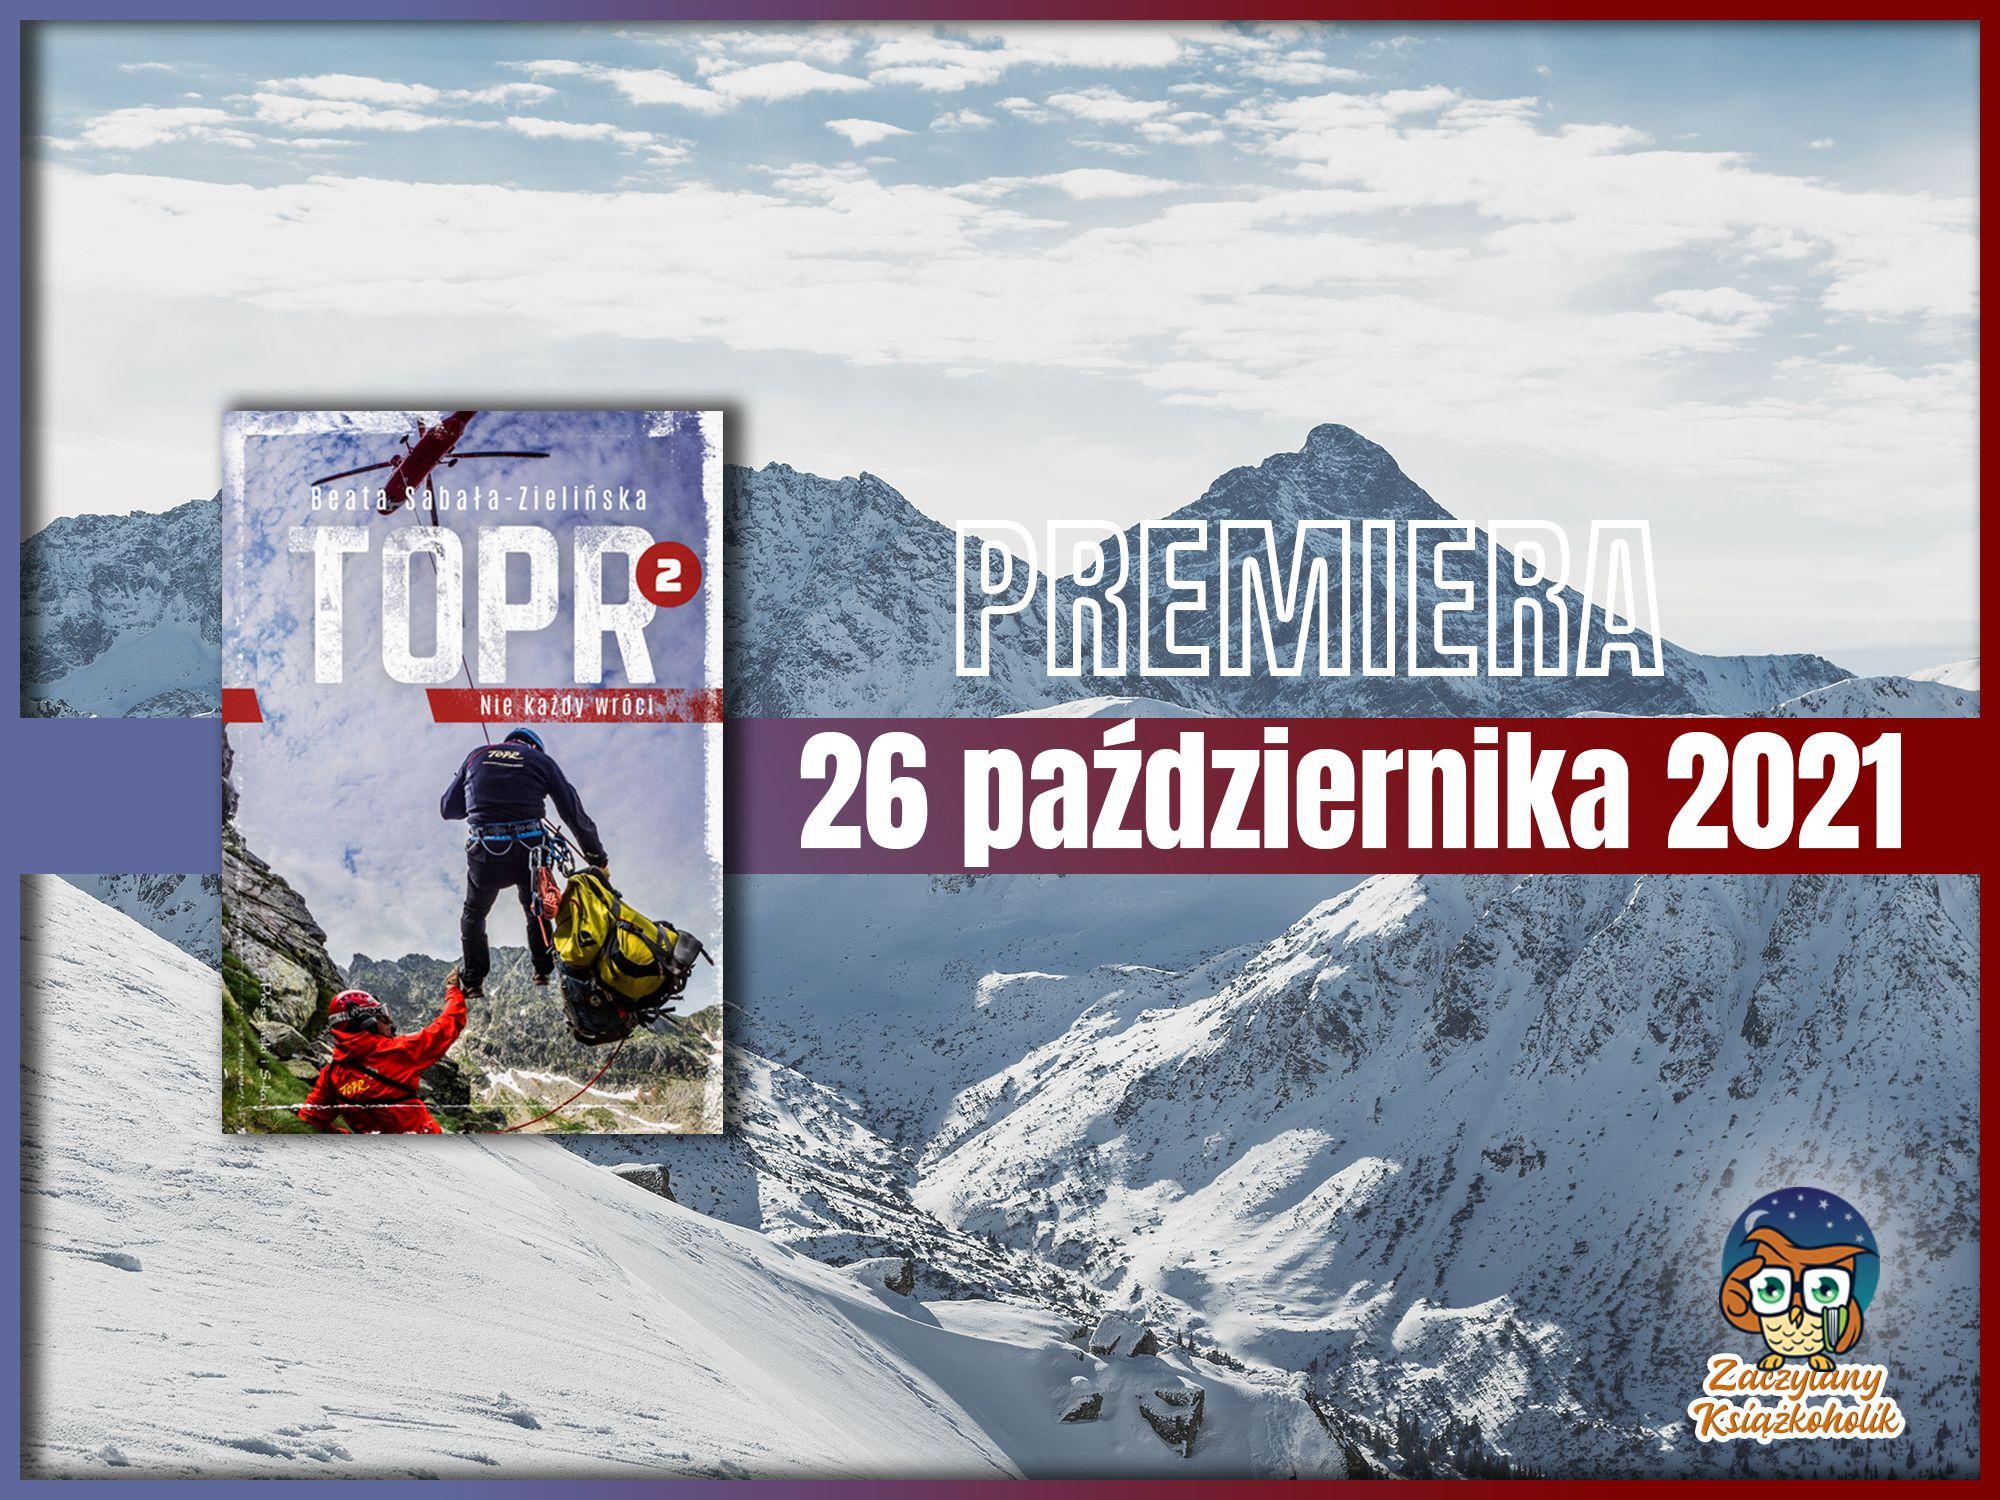 TOPR 2. Nie każdy wróci, Beata Sabała-Zielińska, zaczytanyksiazkoholik.pl